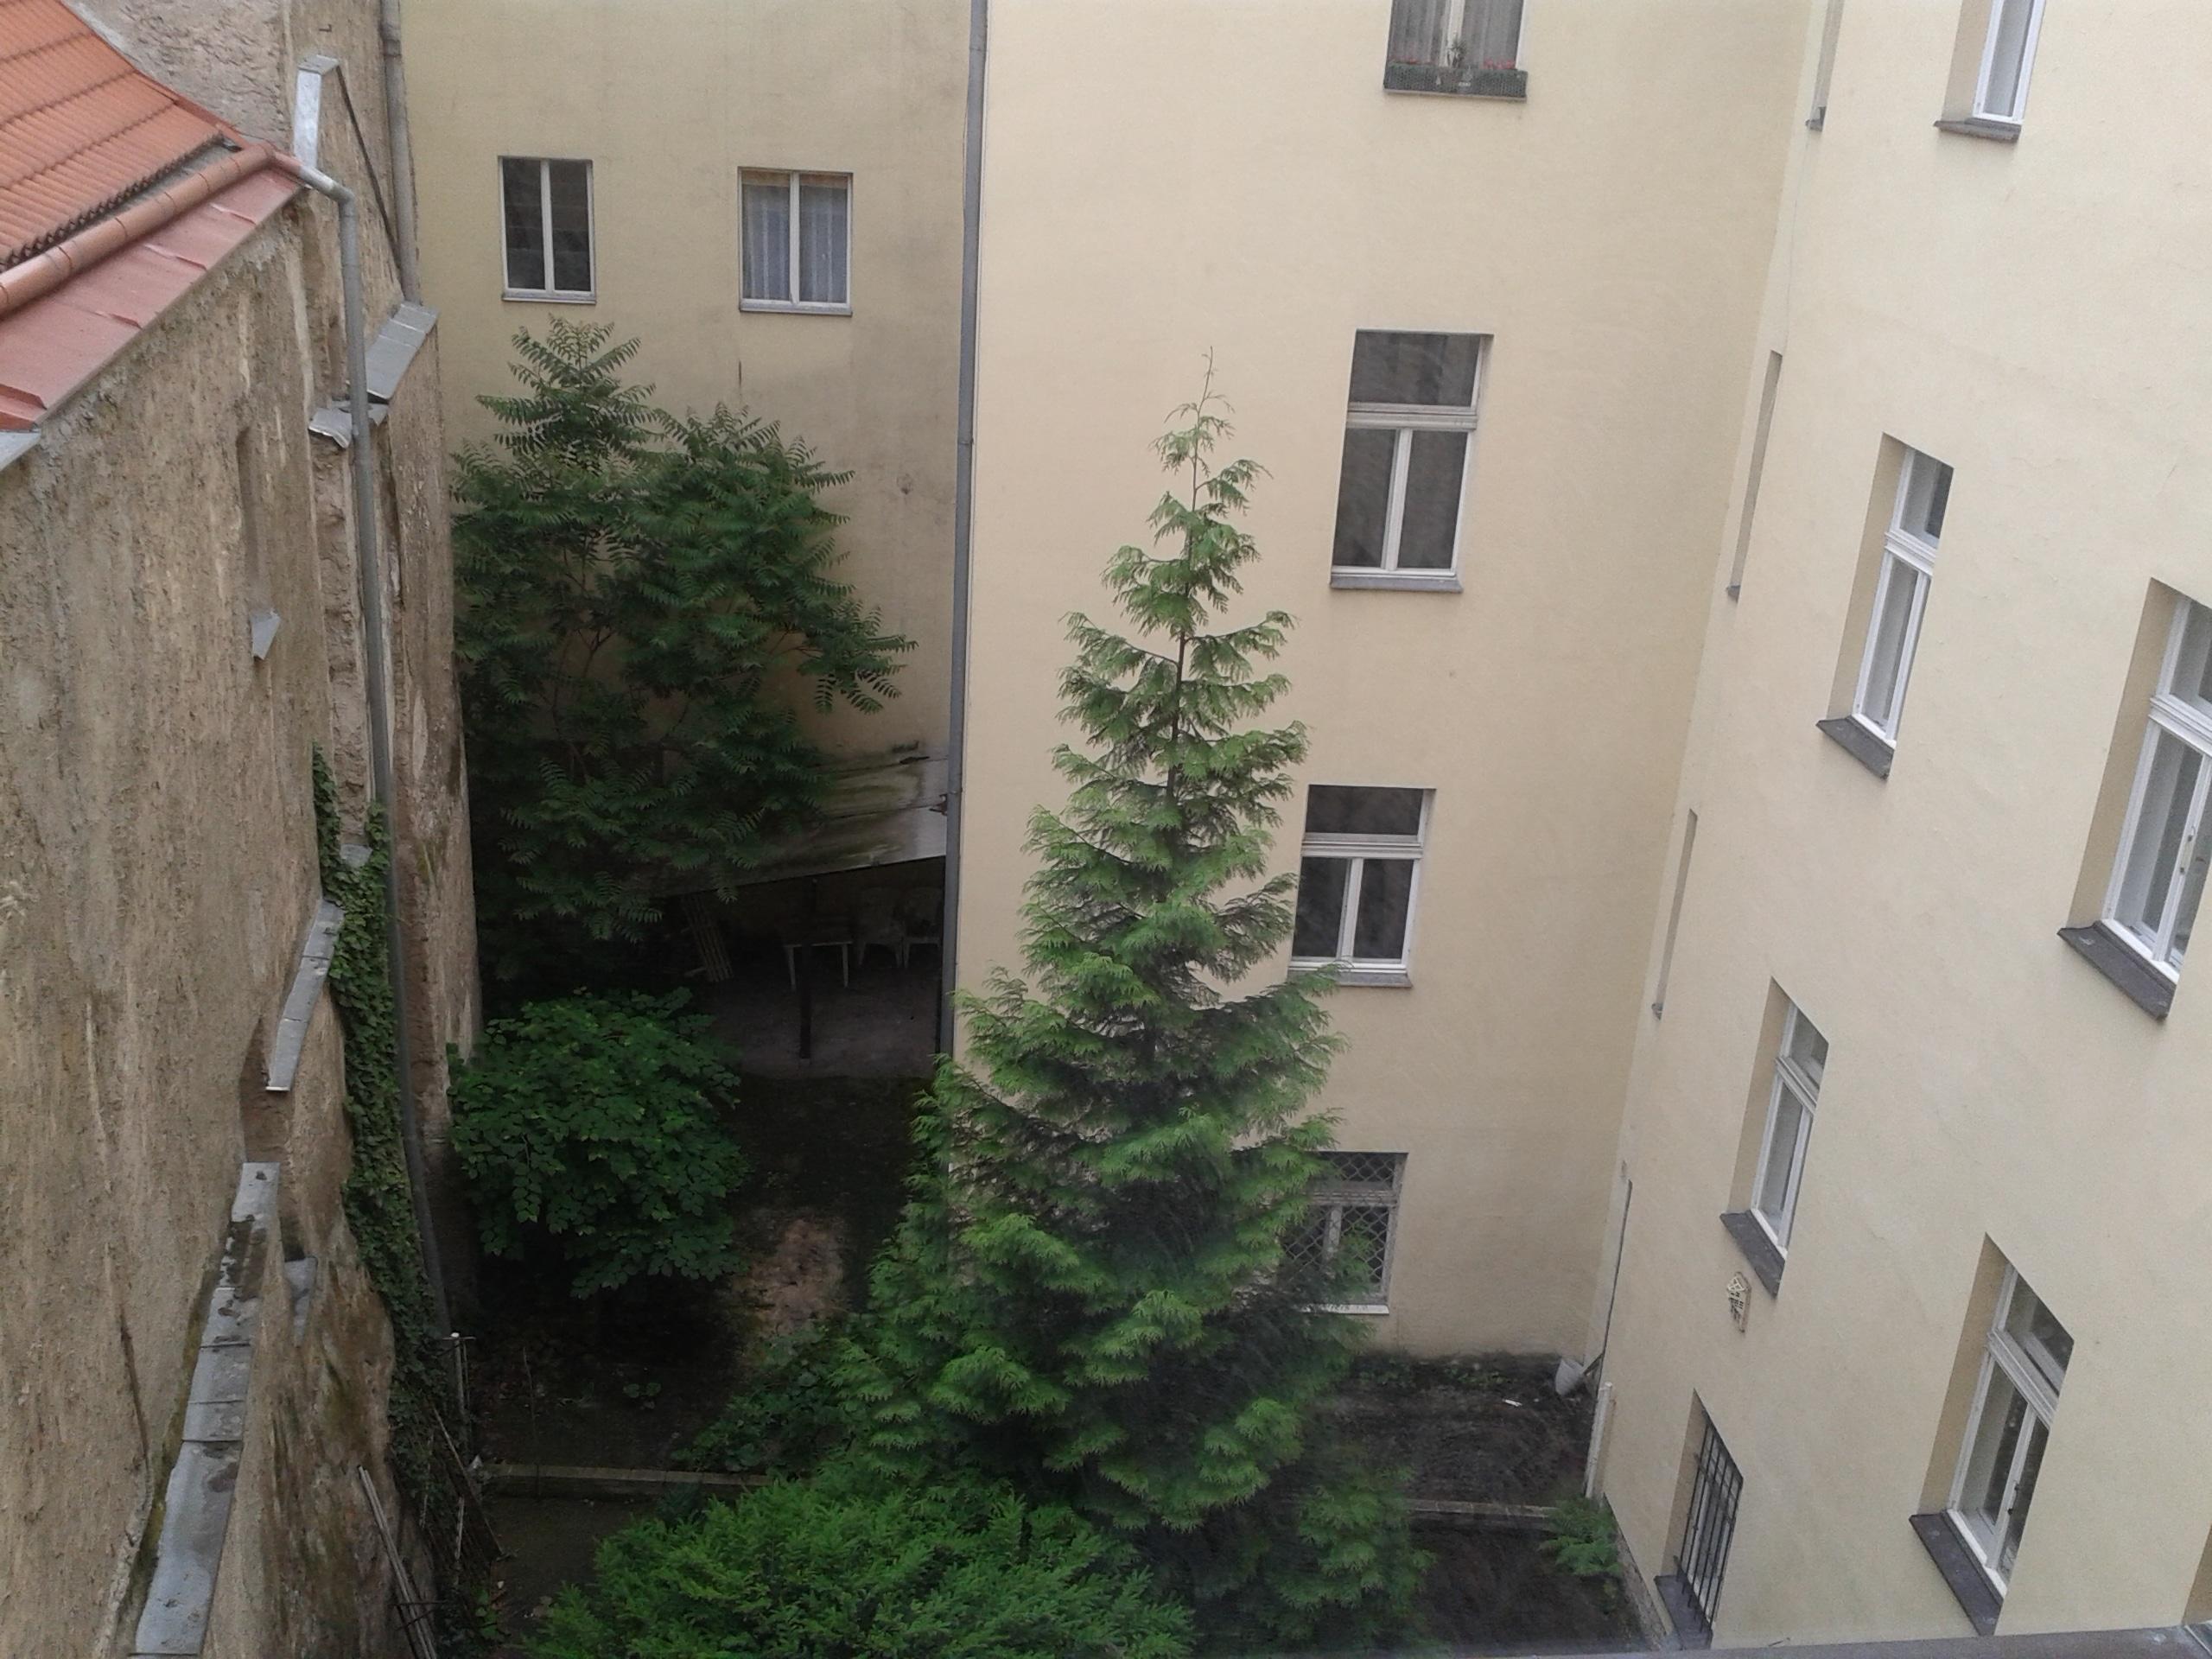 למכירה דירת 3+kk יפהפיה בפראג 1 העיר החדשה (45)